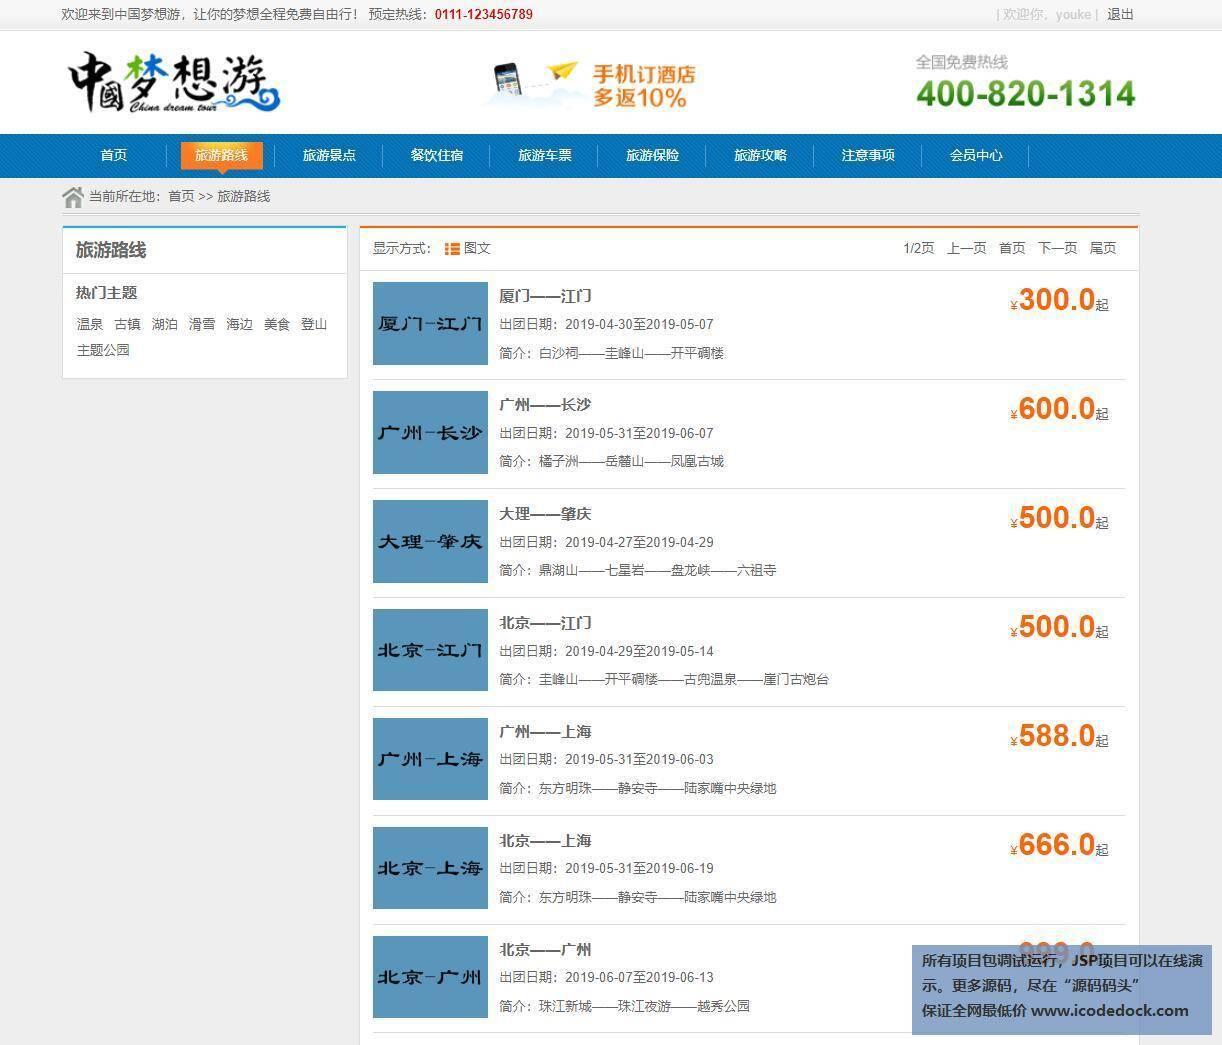 源码码头-Springboot旅游网站管理系统-用户角色-旅游路线预定